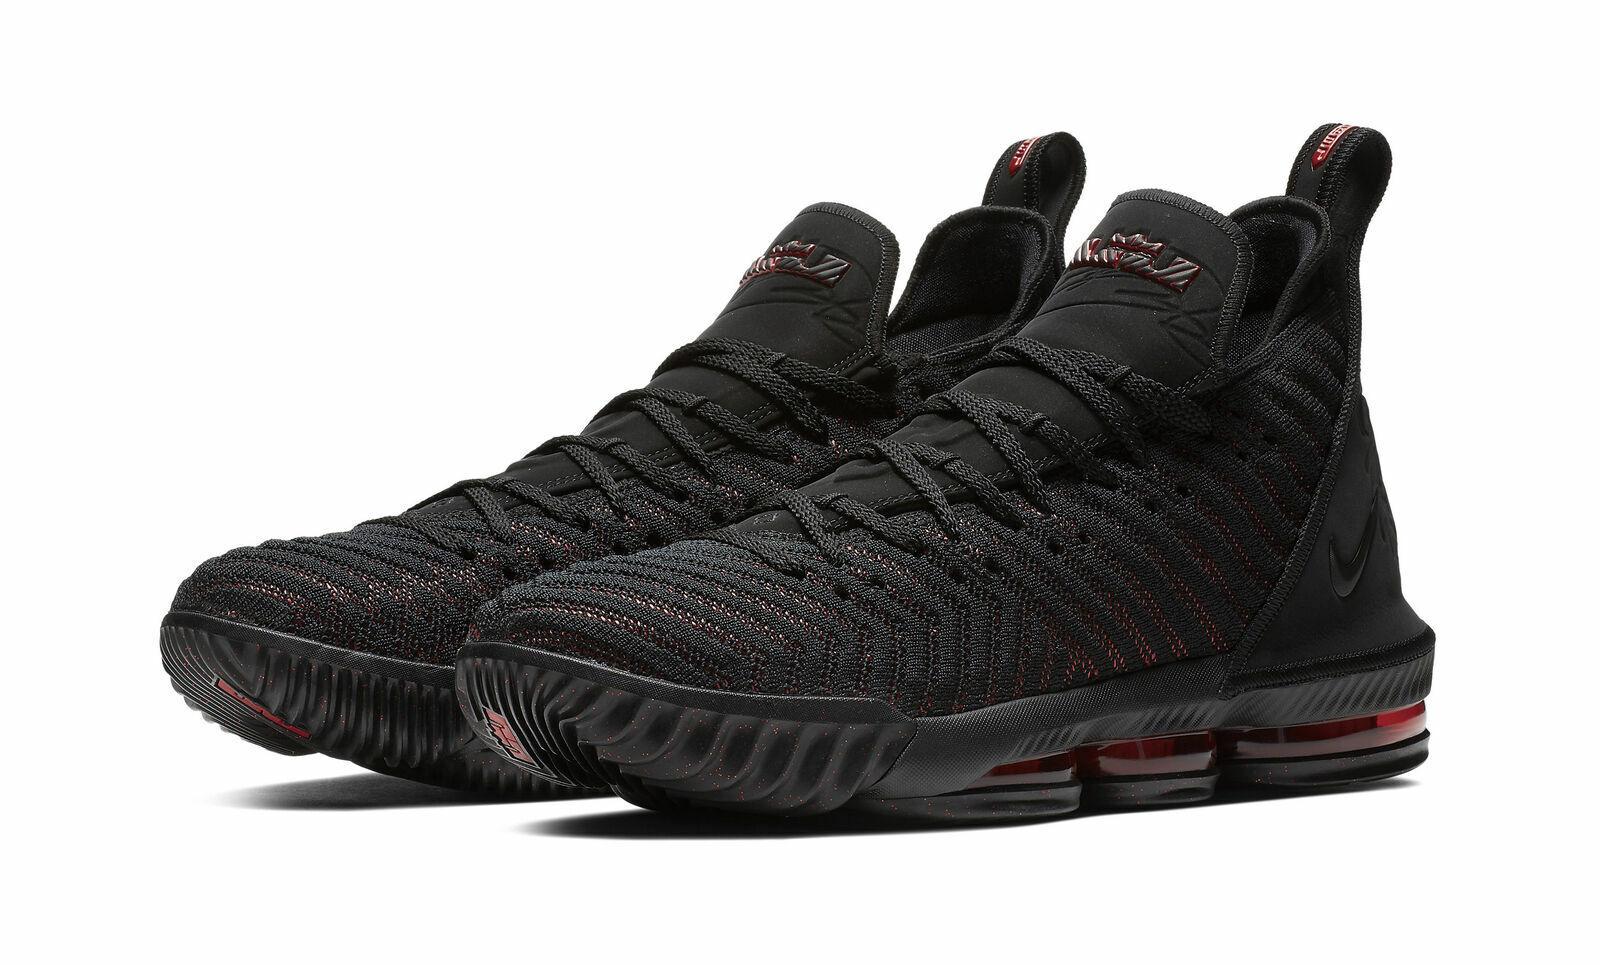 best deals on a853f 71af4 Nike LeBron 16 Men's Basketball Shoes - Black/University Red, Size 13